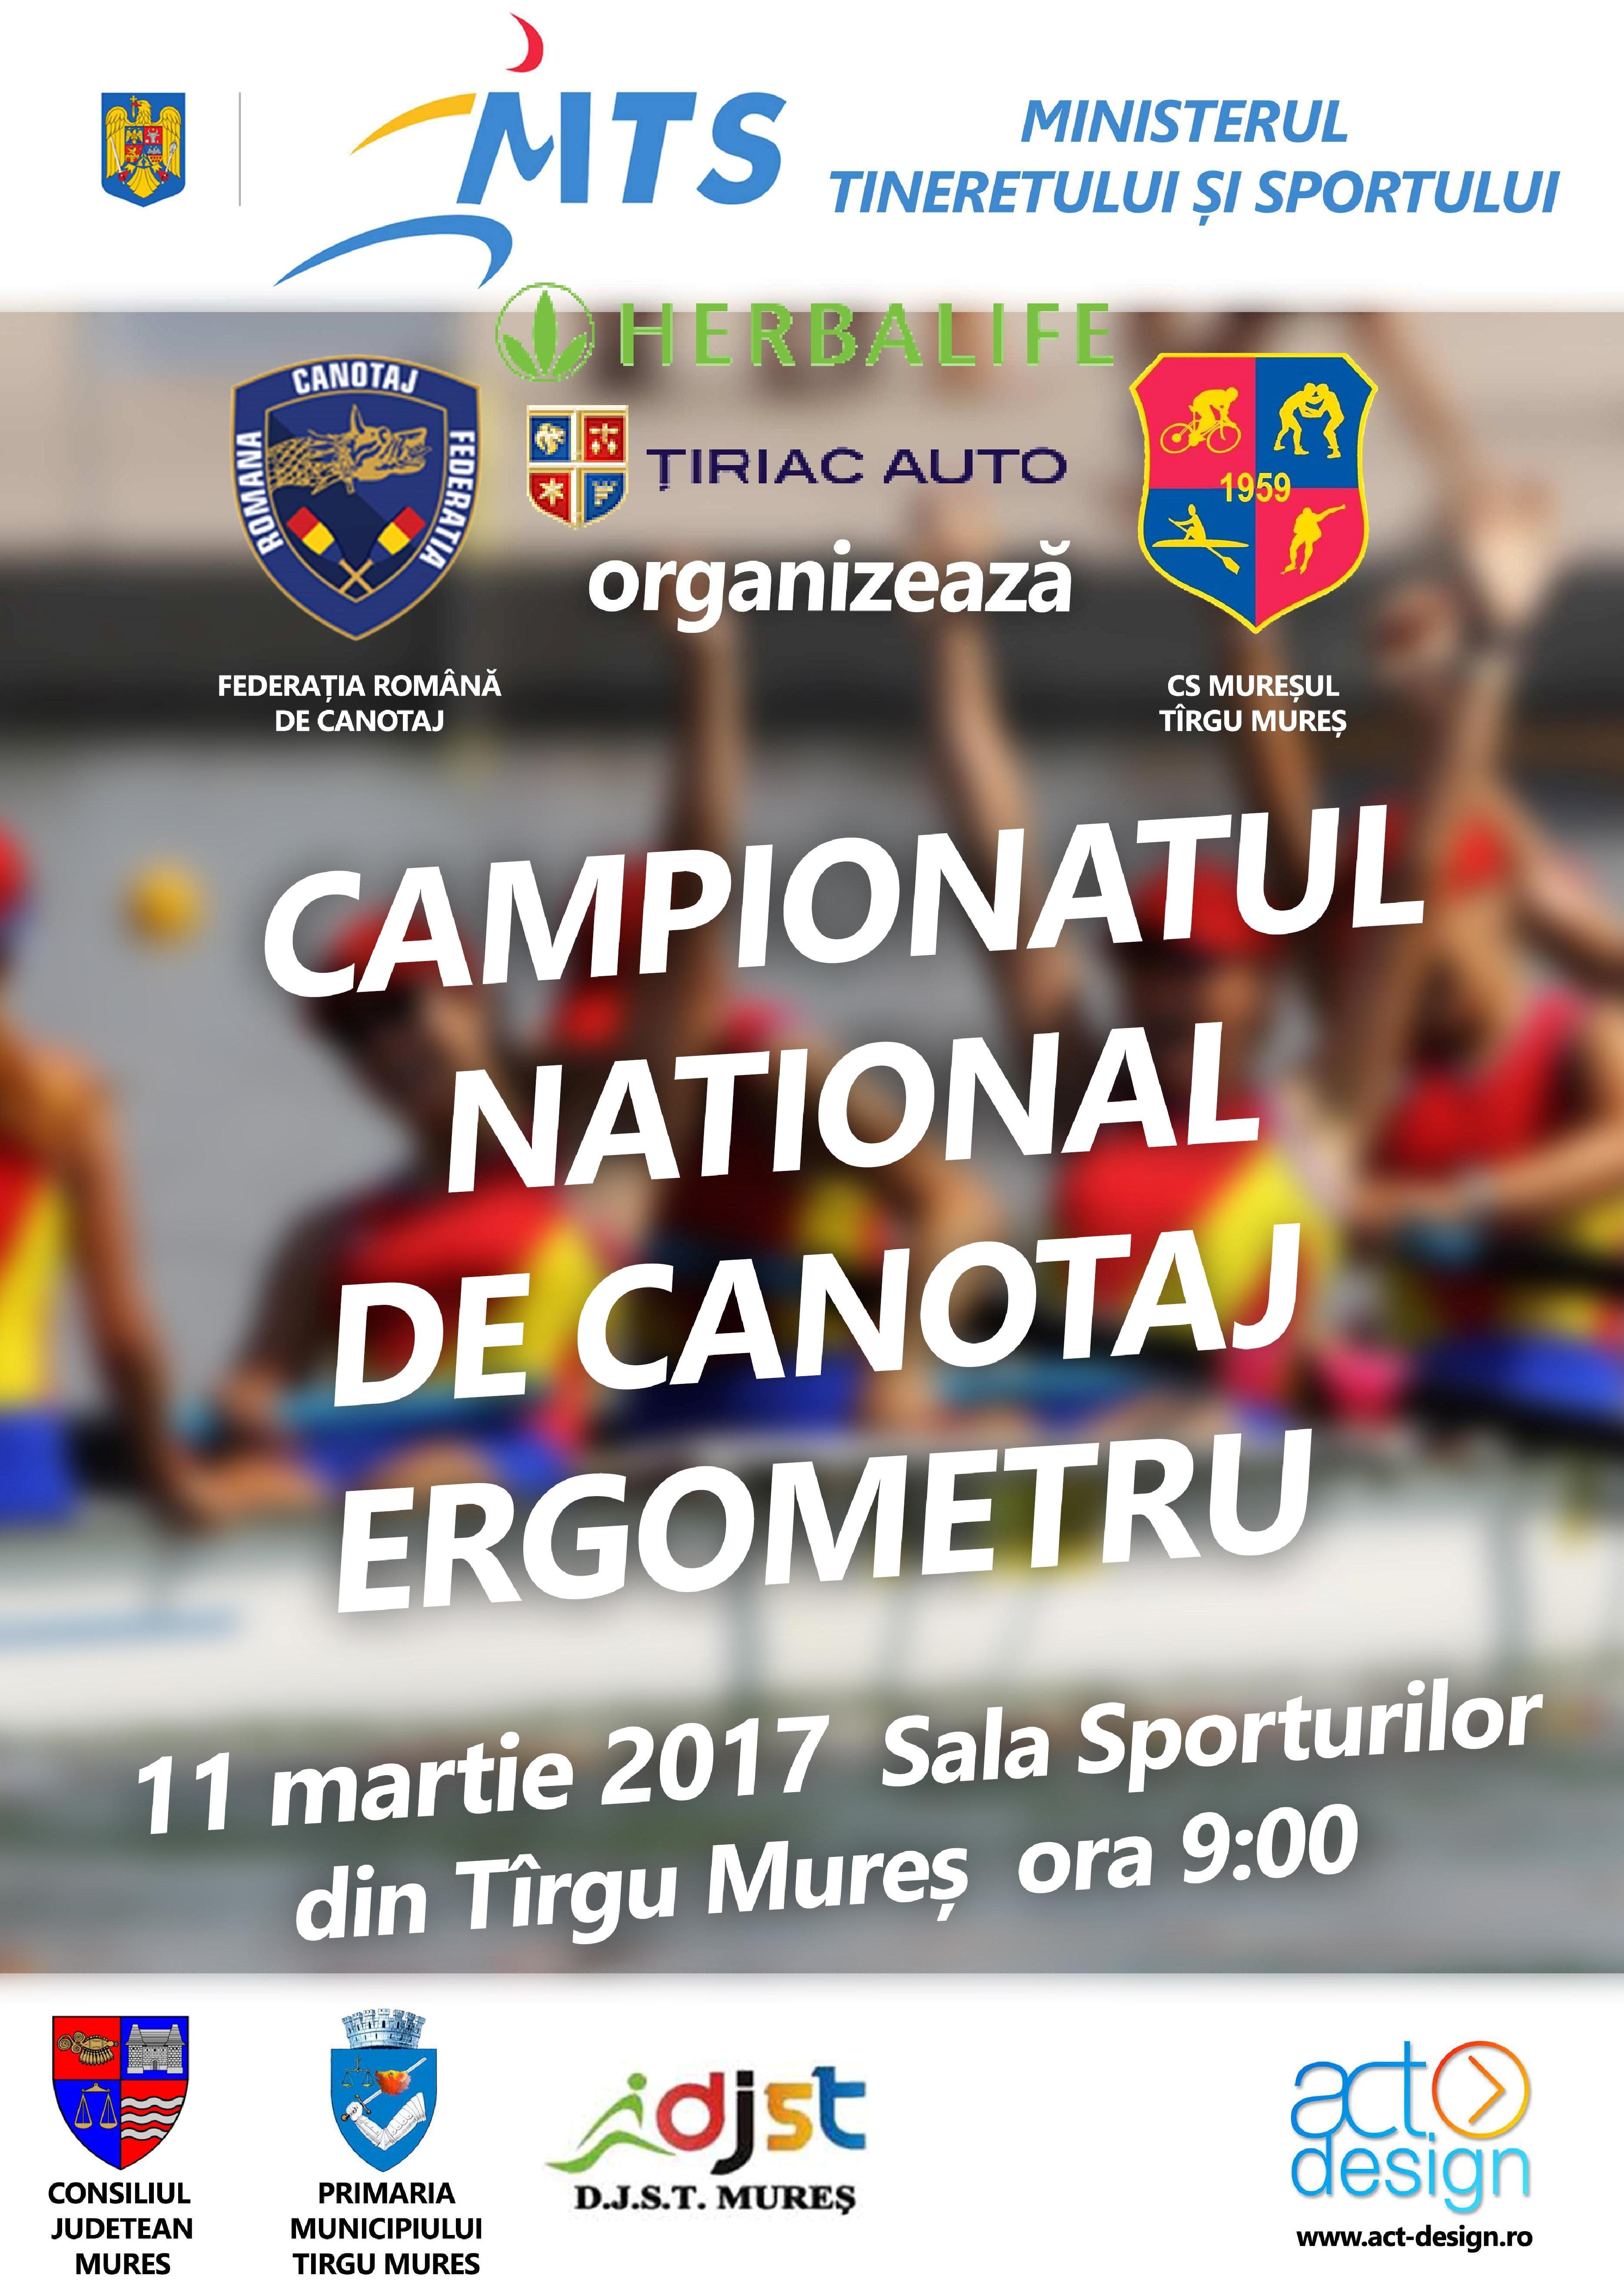 Campionatul National de Ergometru